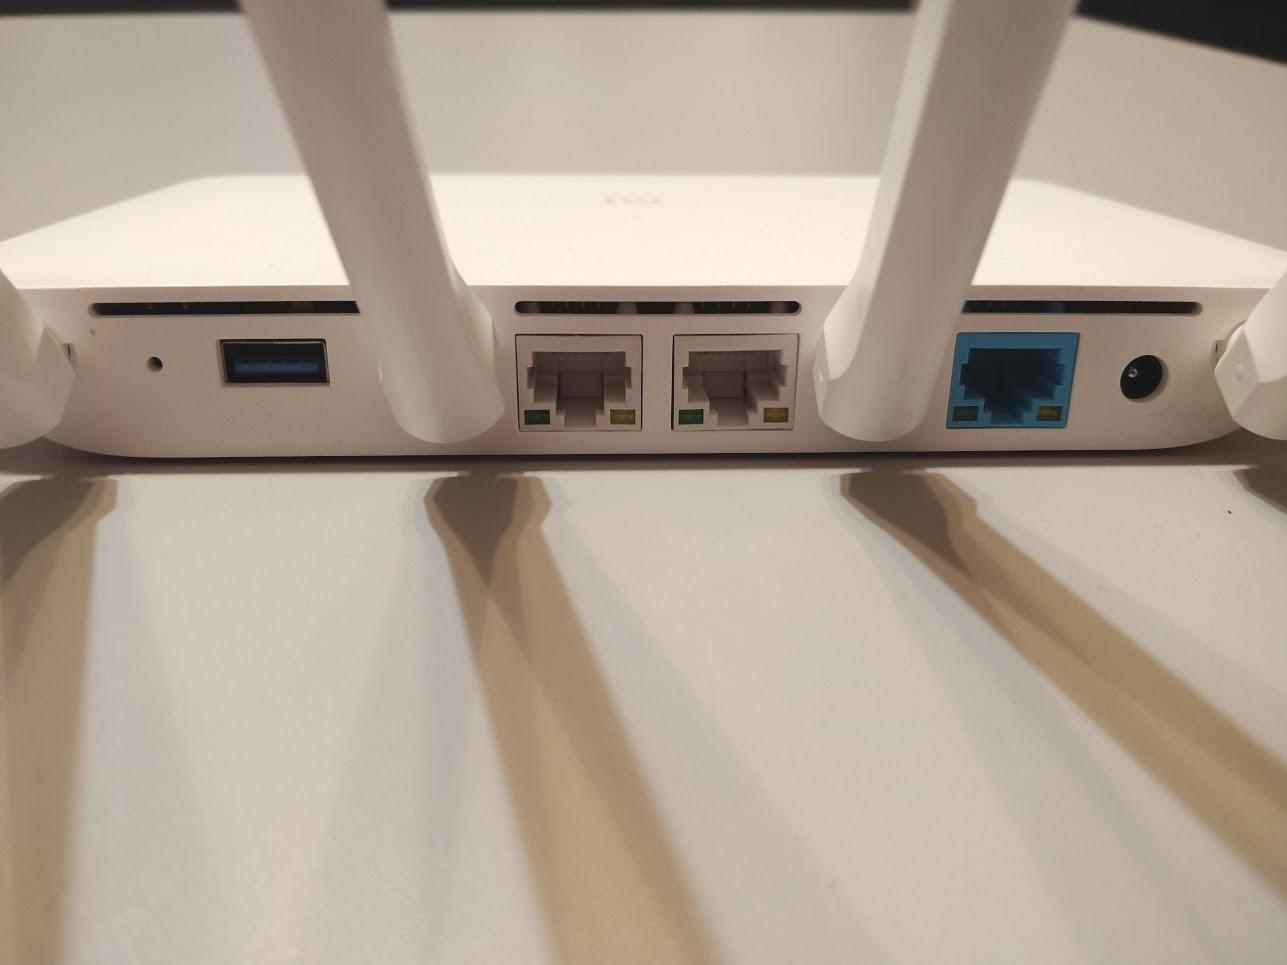 xiaomi-mi-router-3g-wifi-teszt-03